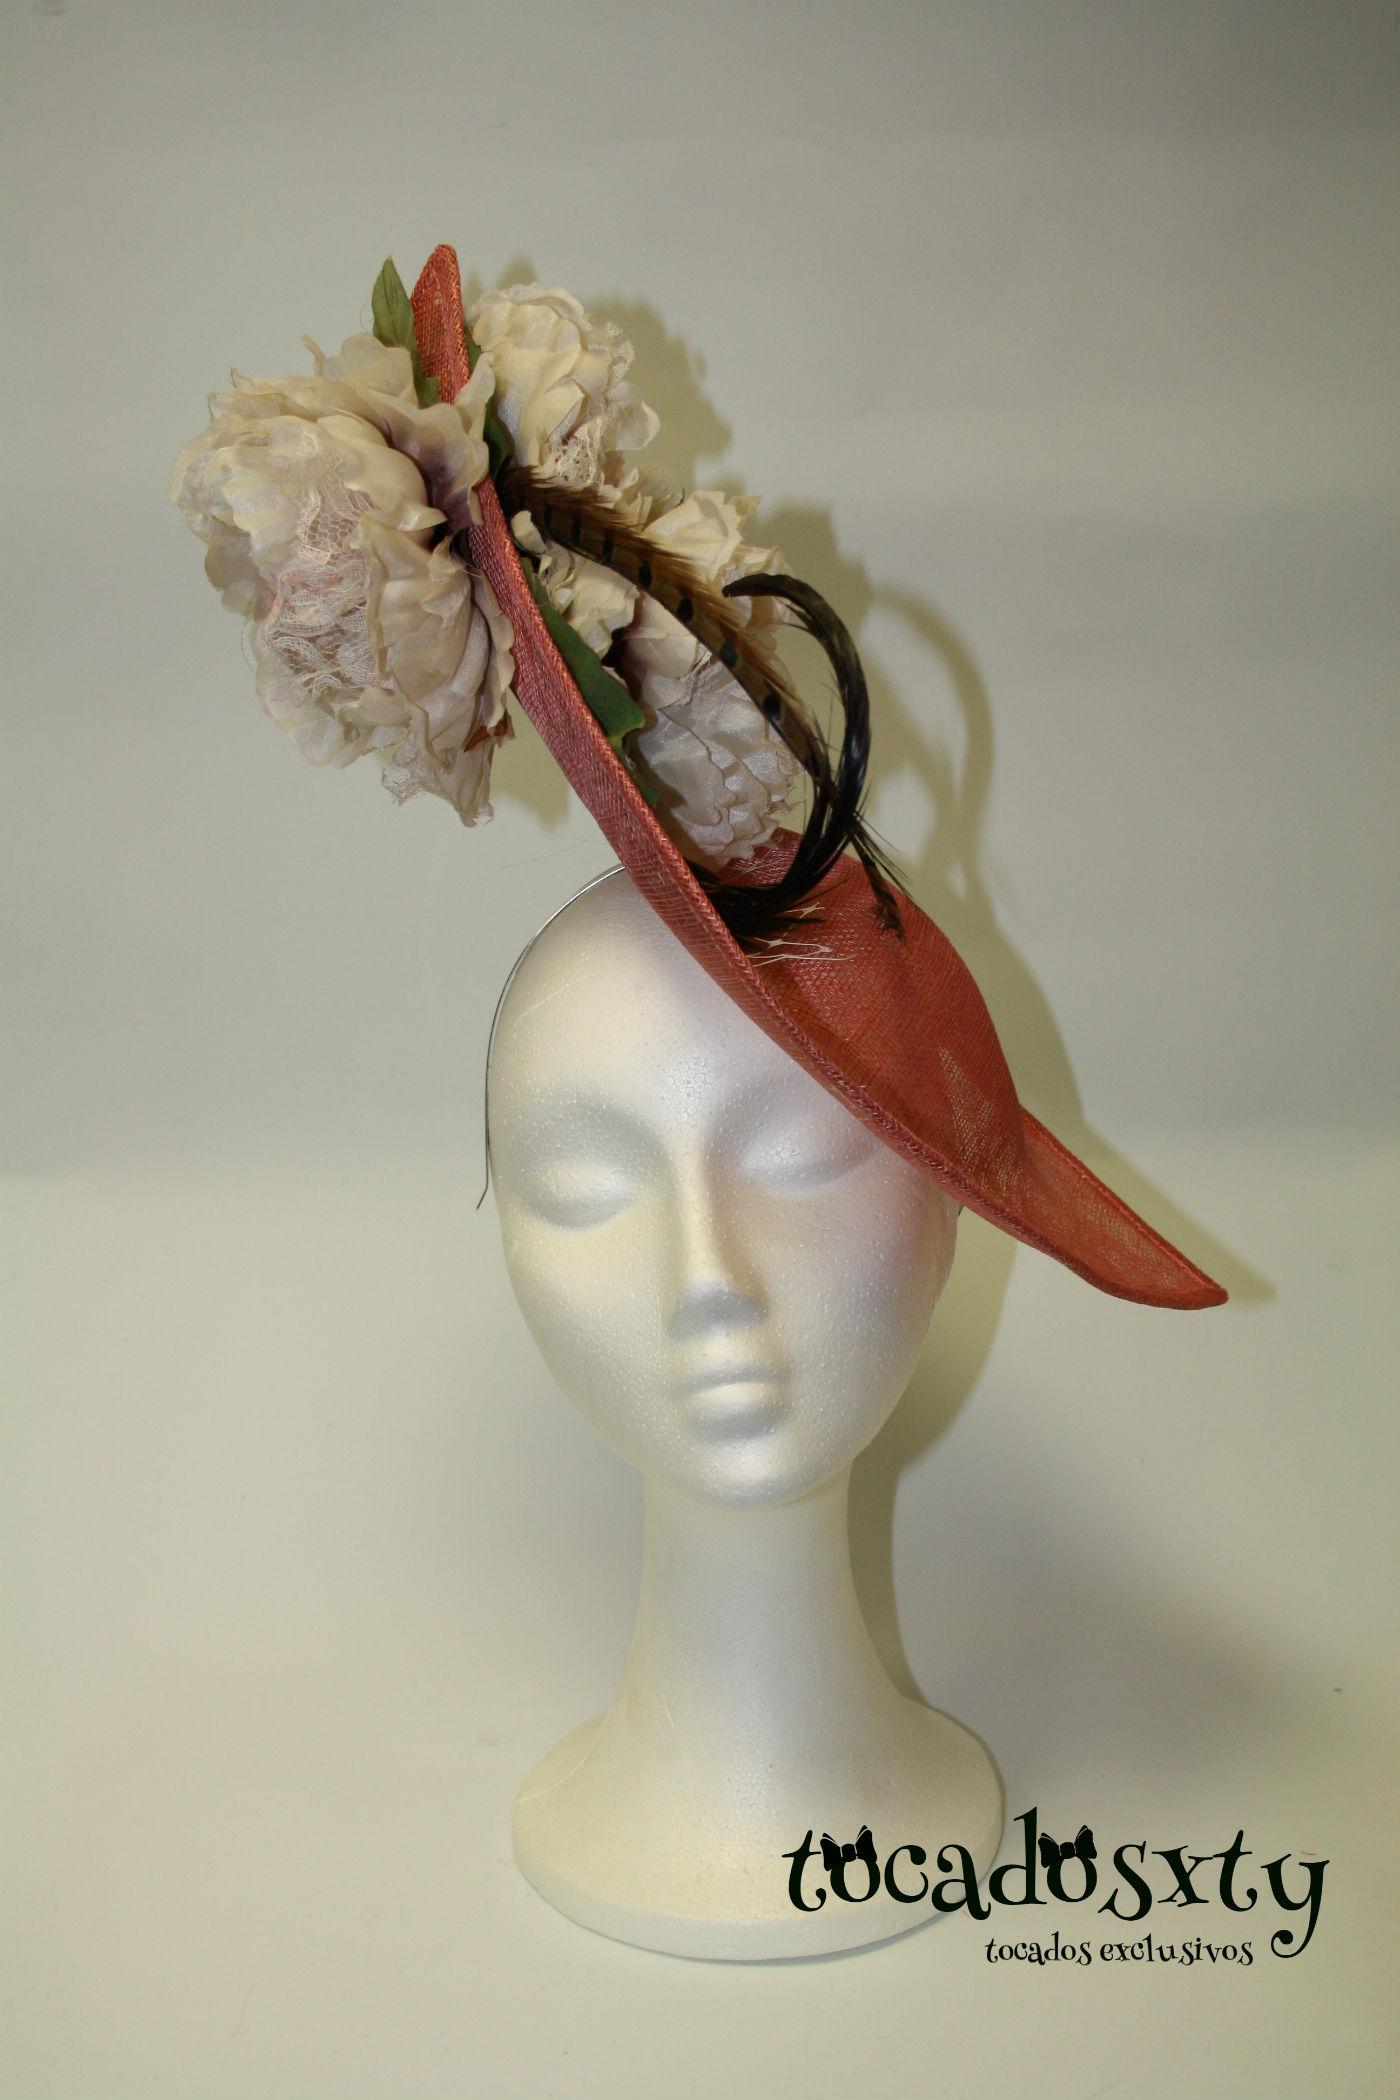 tocado-grande-en-coral-con-flores-y-plumas-w